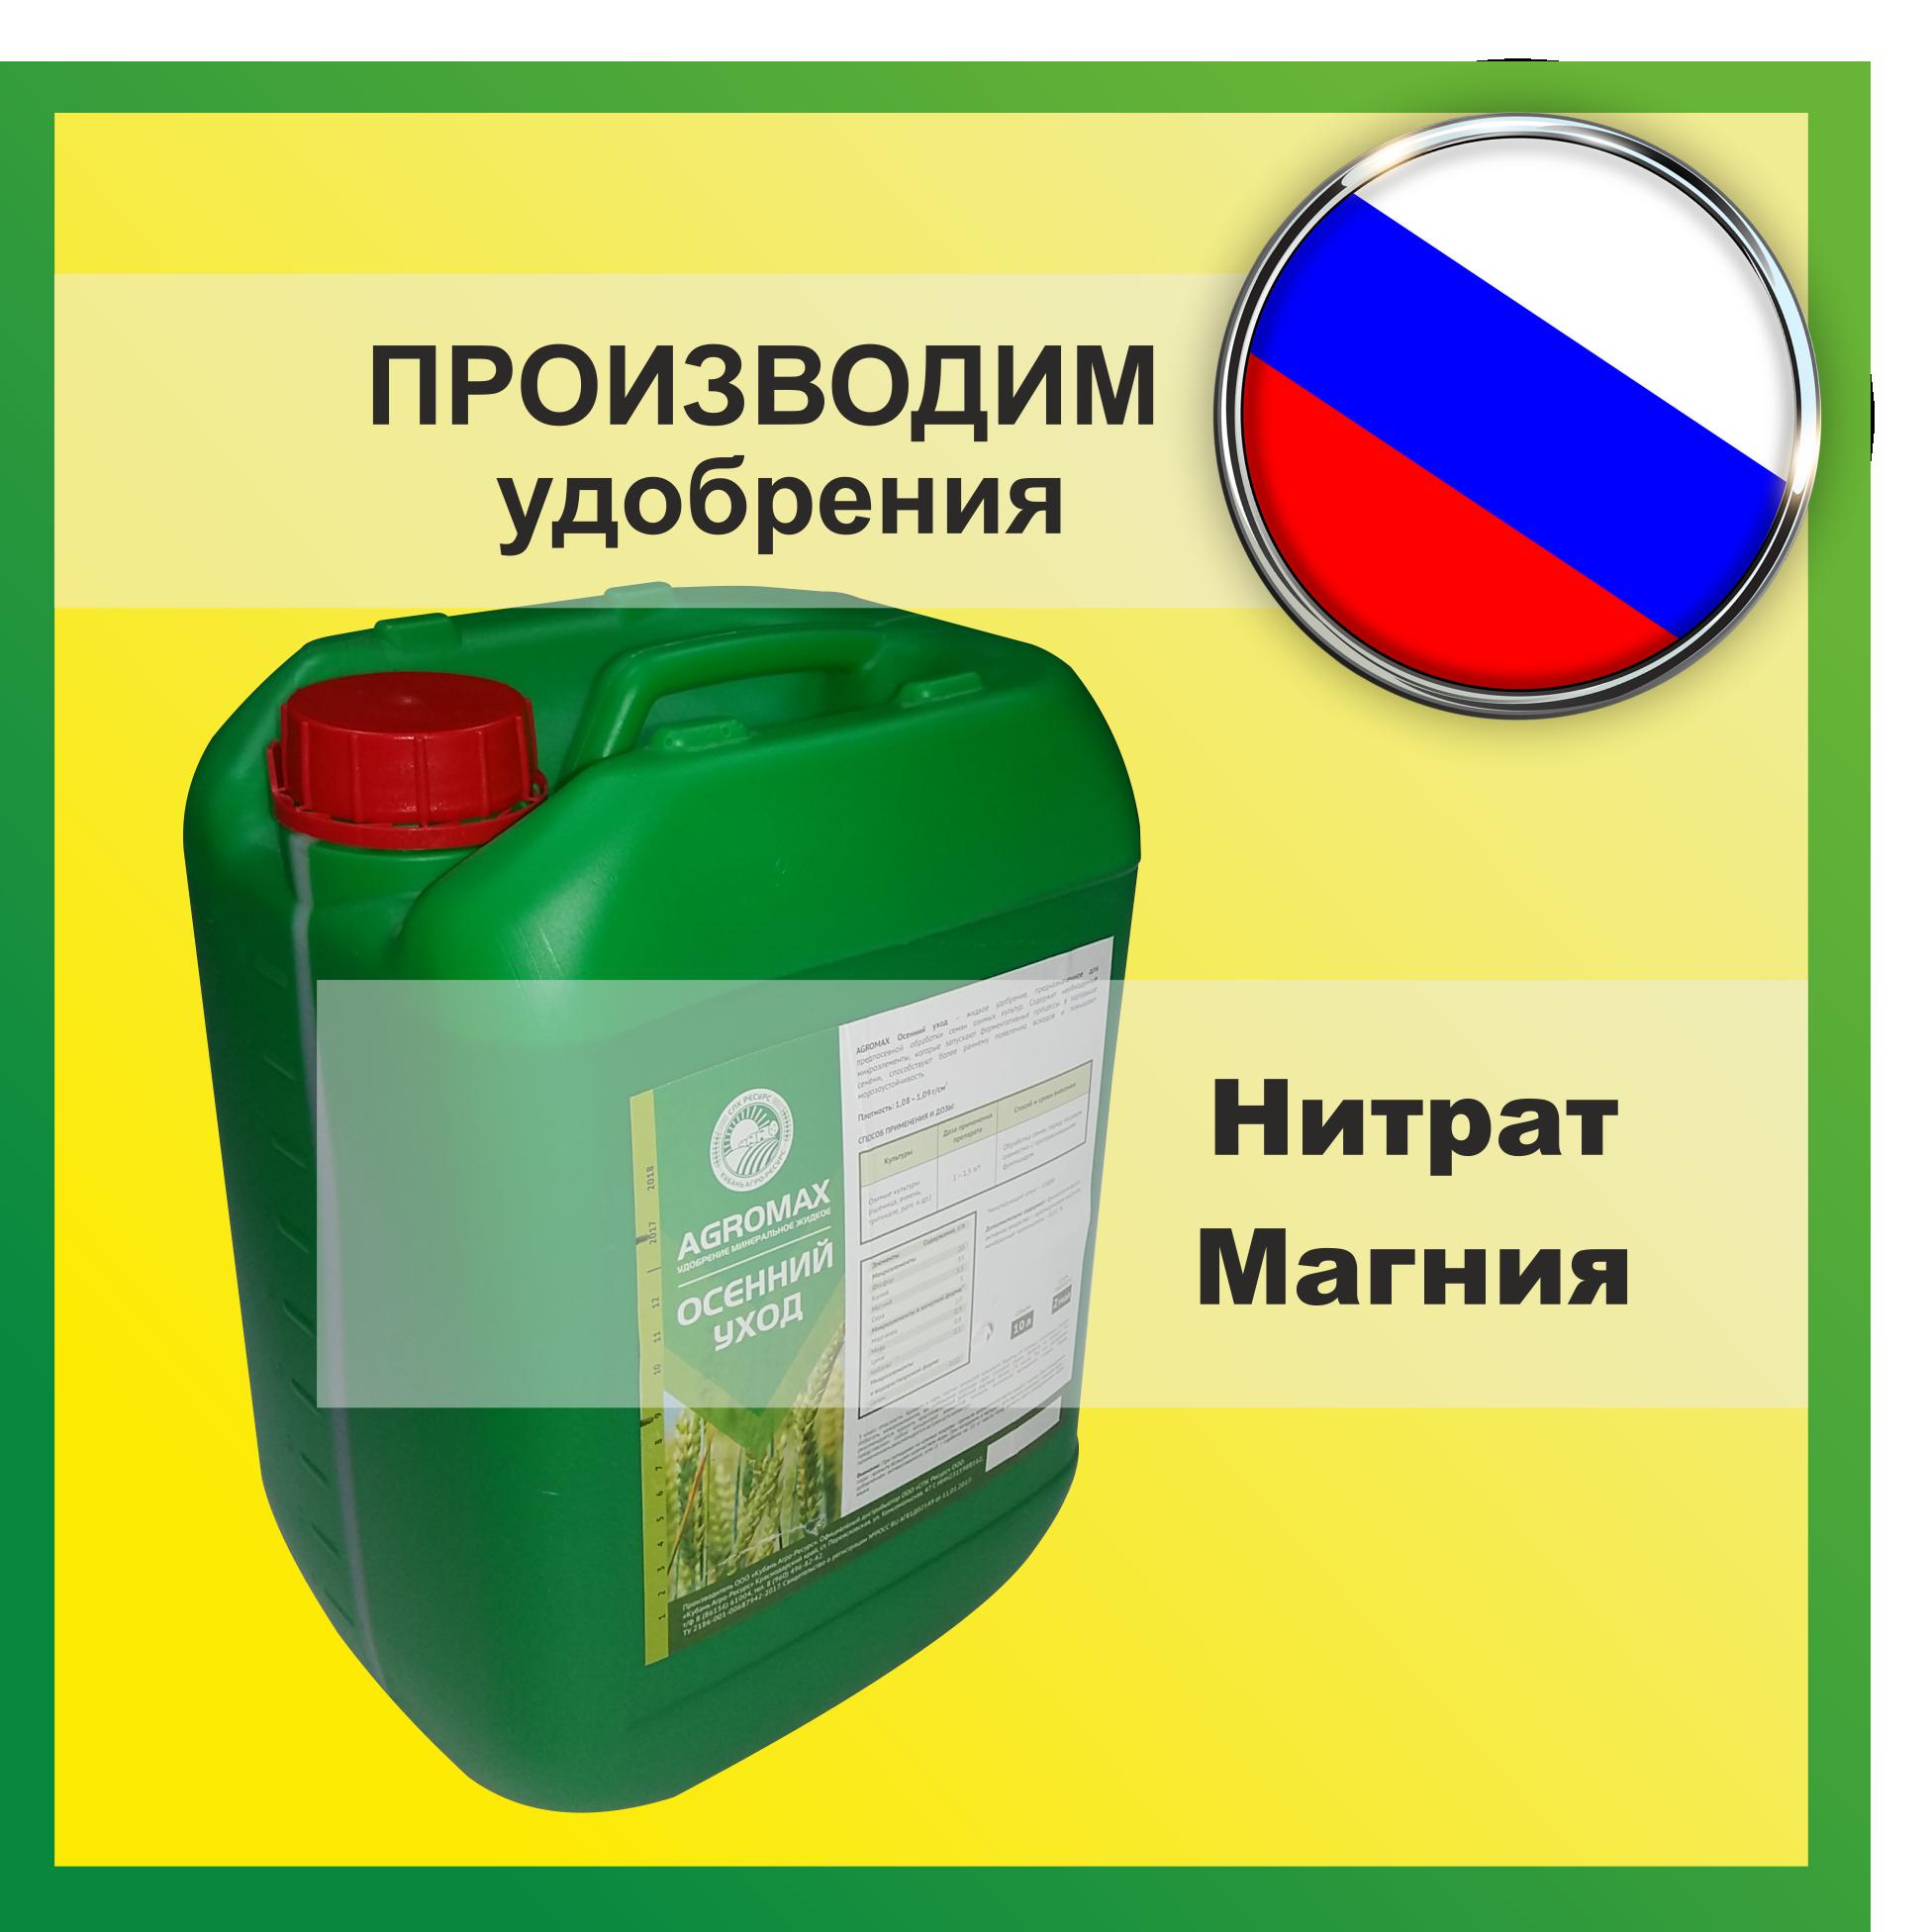 Nitrat-Magniya-udobrenie-agromaks-1-1